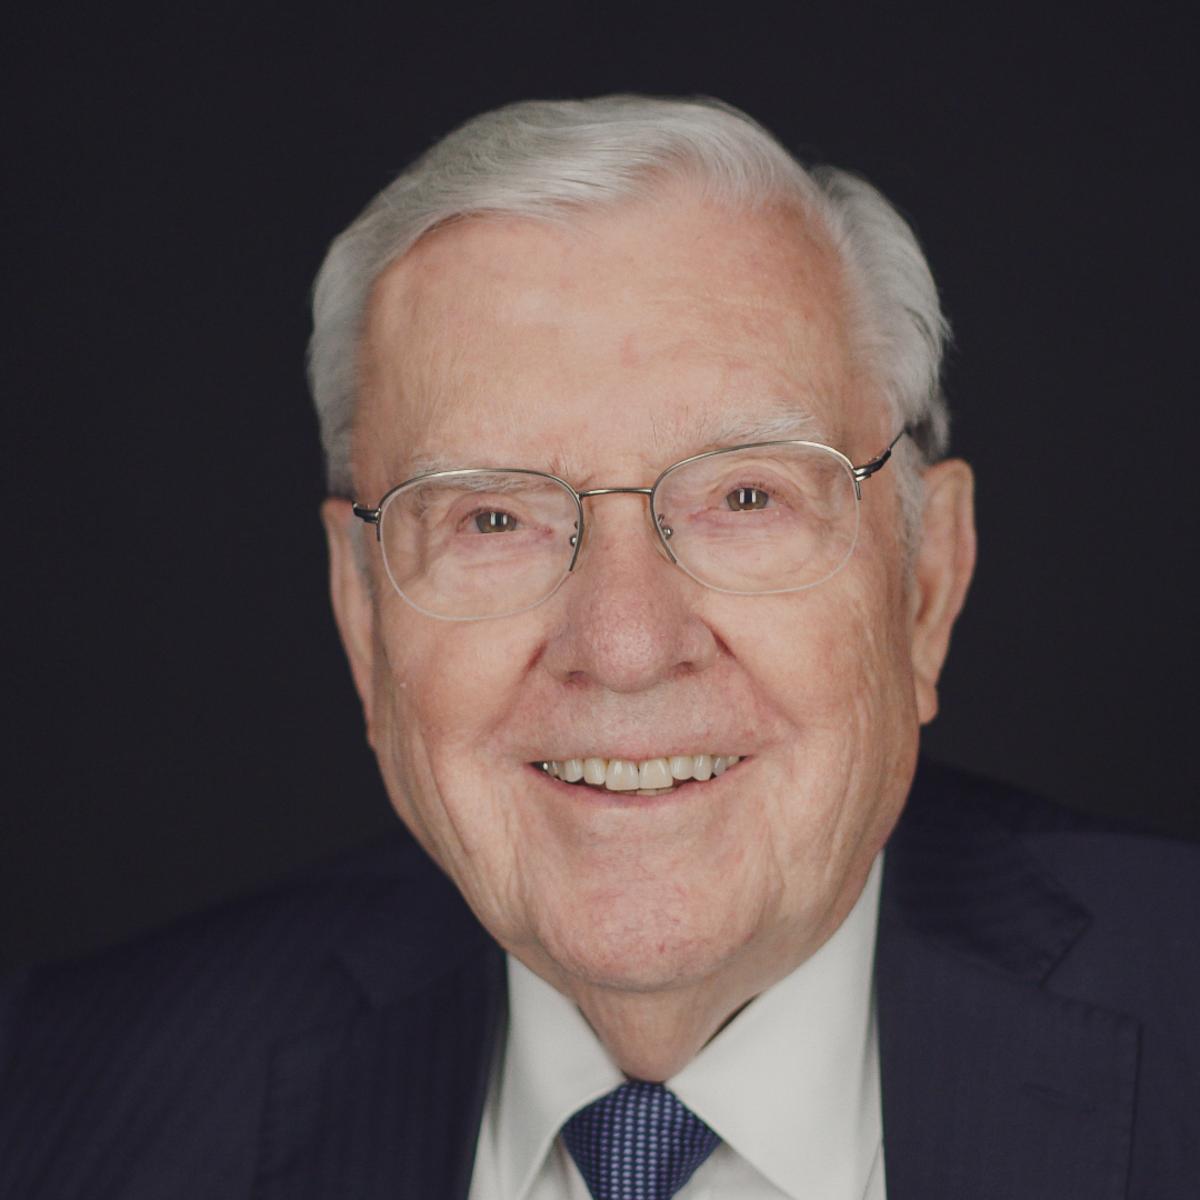 Президент М. Рассел Баллард